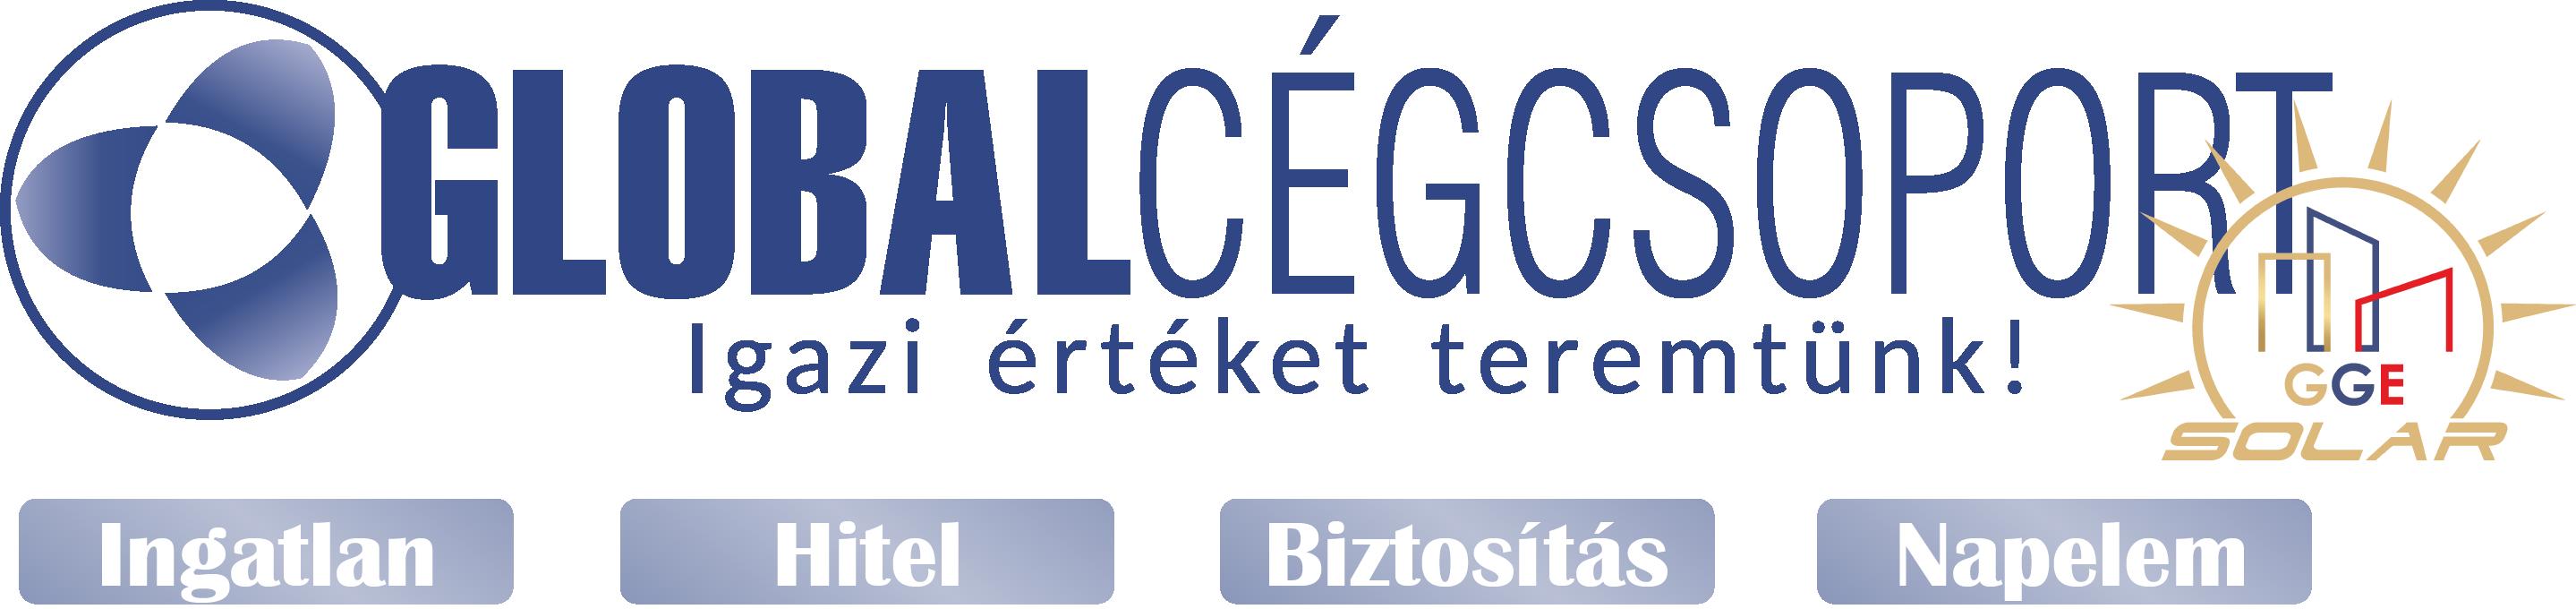 Cégcsoport_GGE_Solar